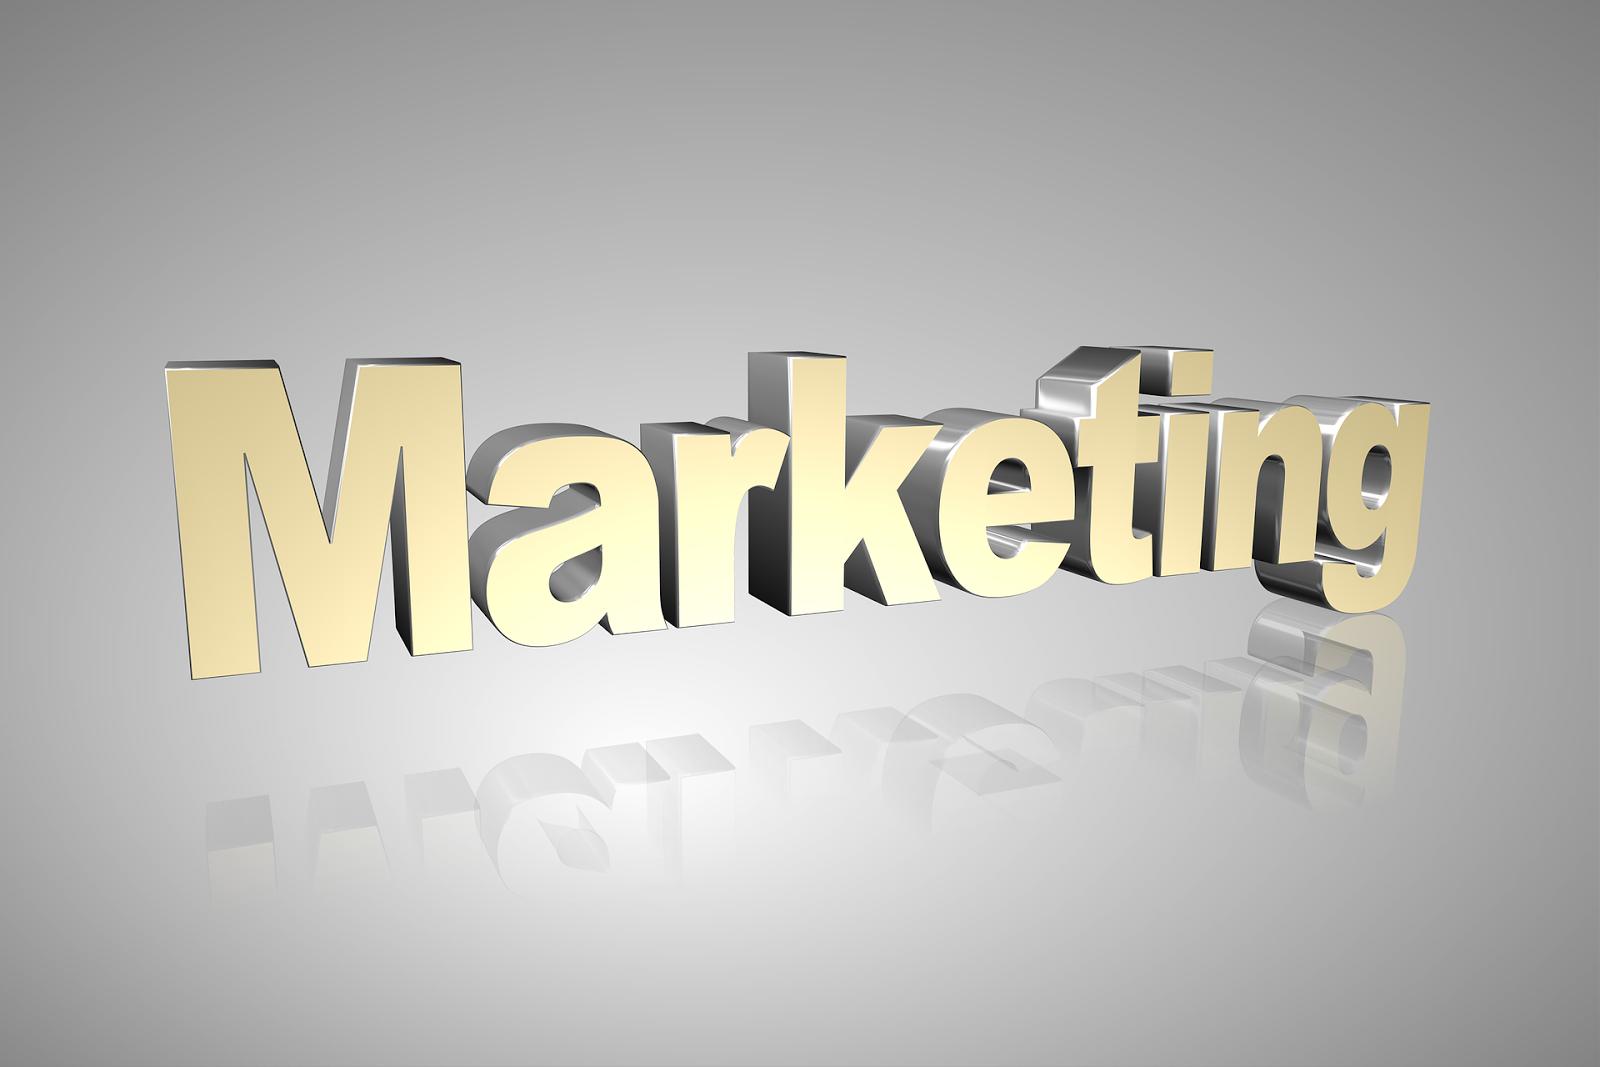 Trzy najważniejsze imiona w marketingu